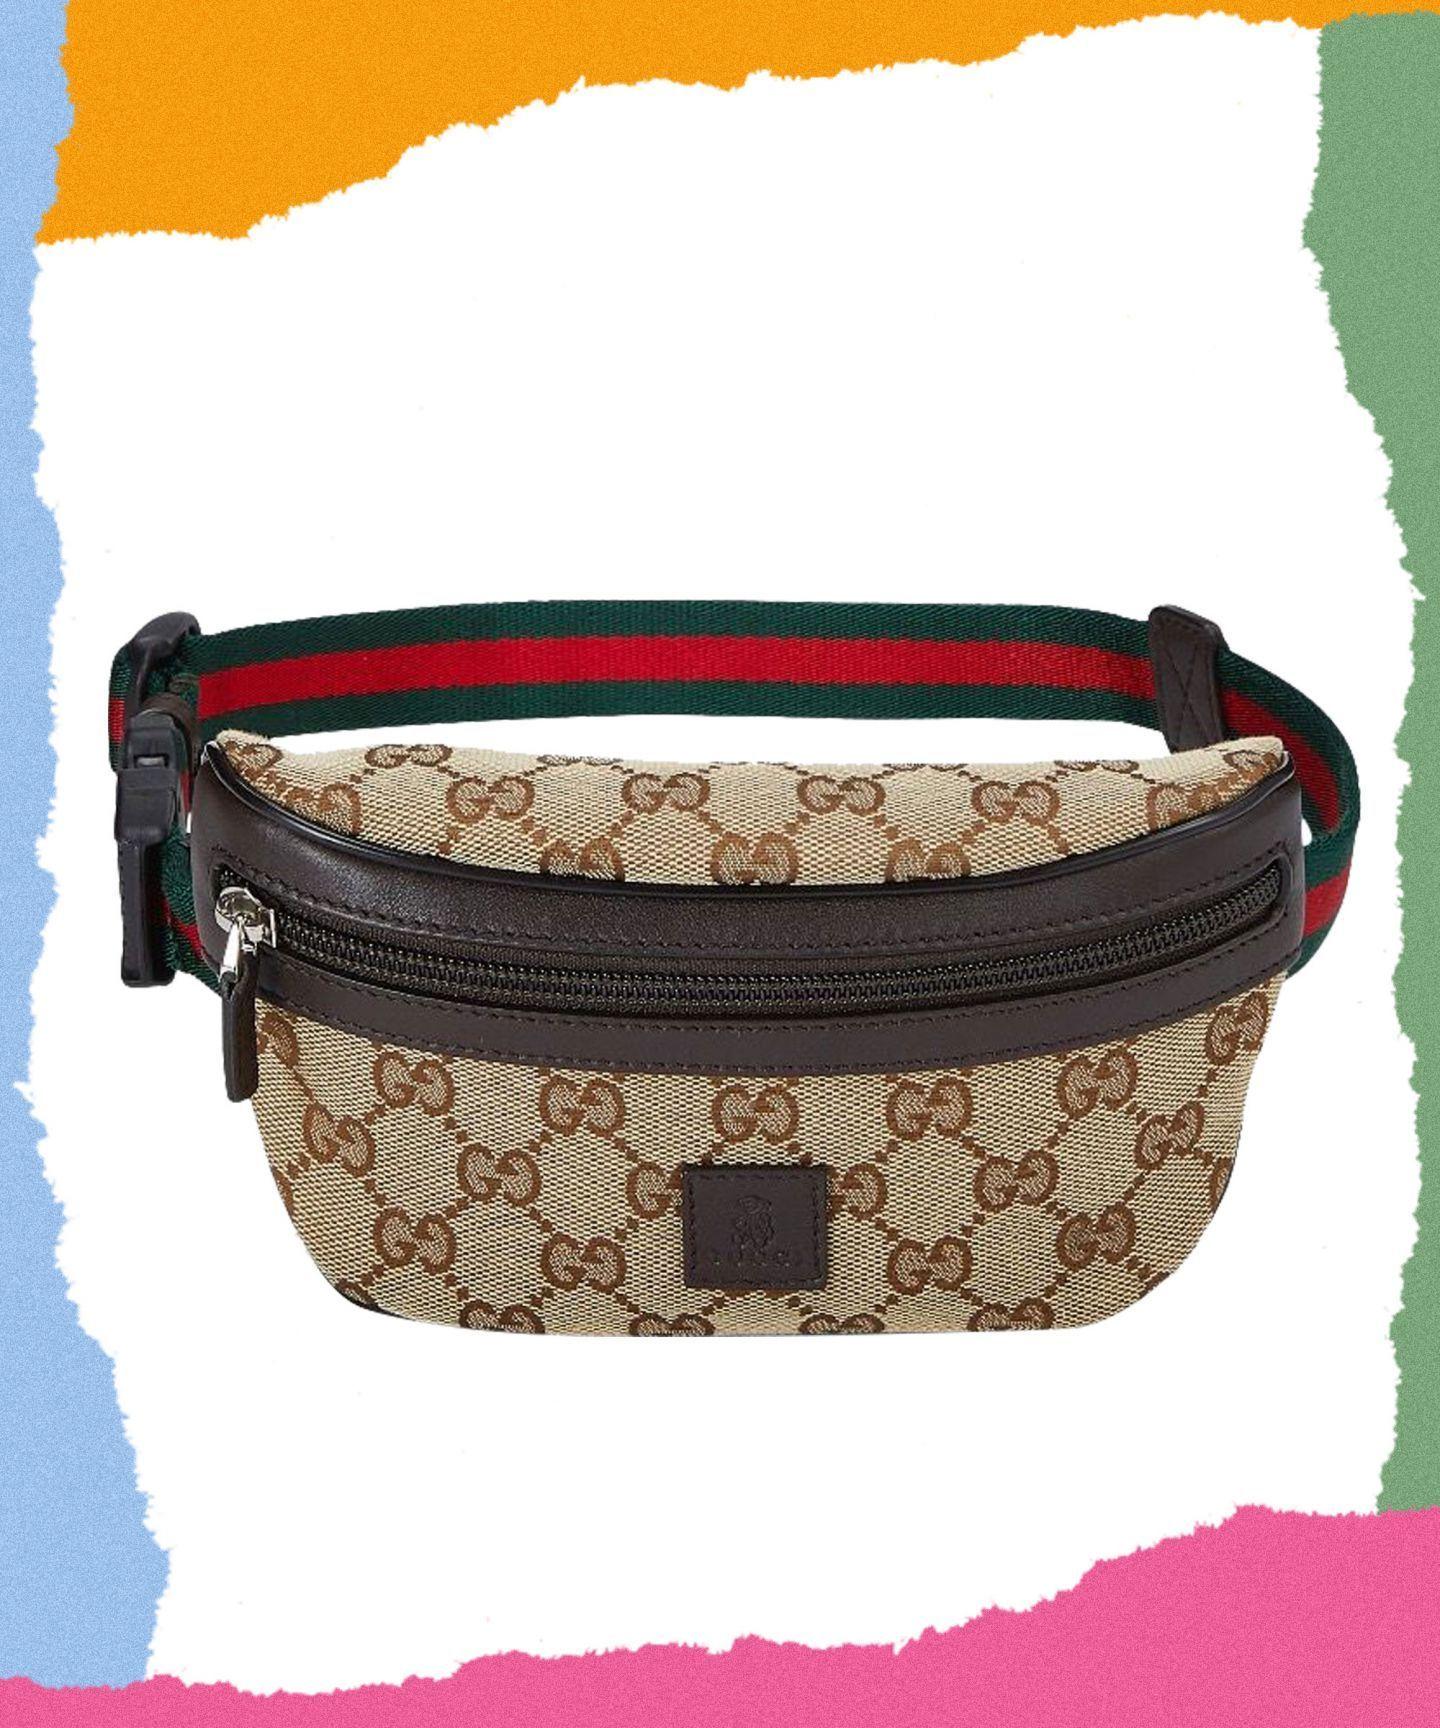 89a1edabf3f Where To Find Vintage Designer Bags Online  designerbagsonline ...